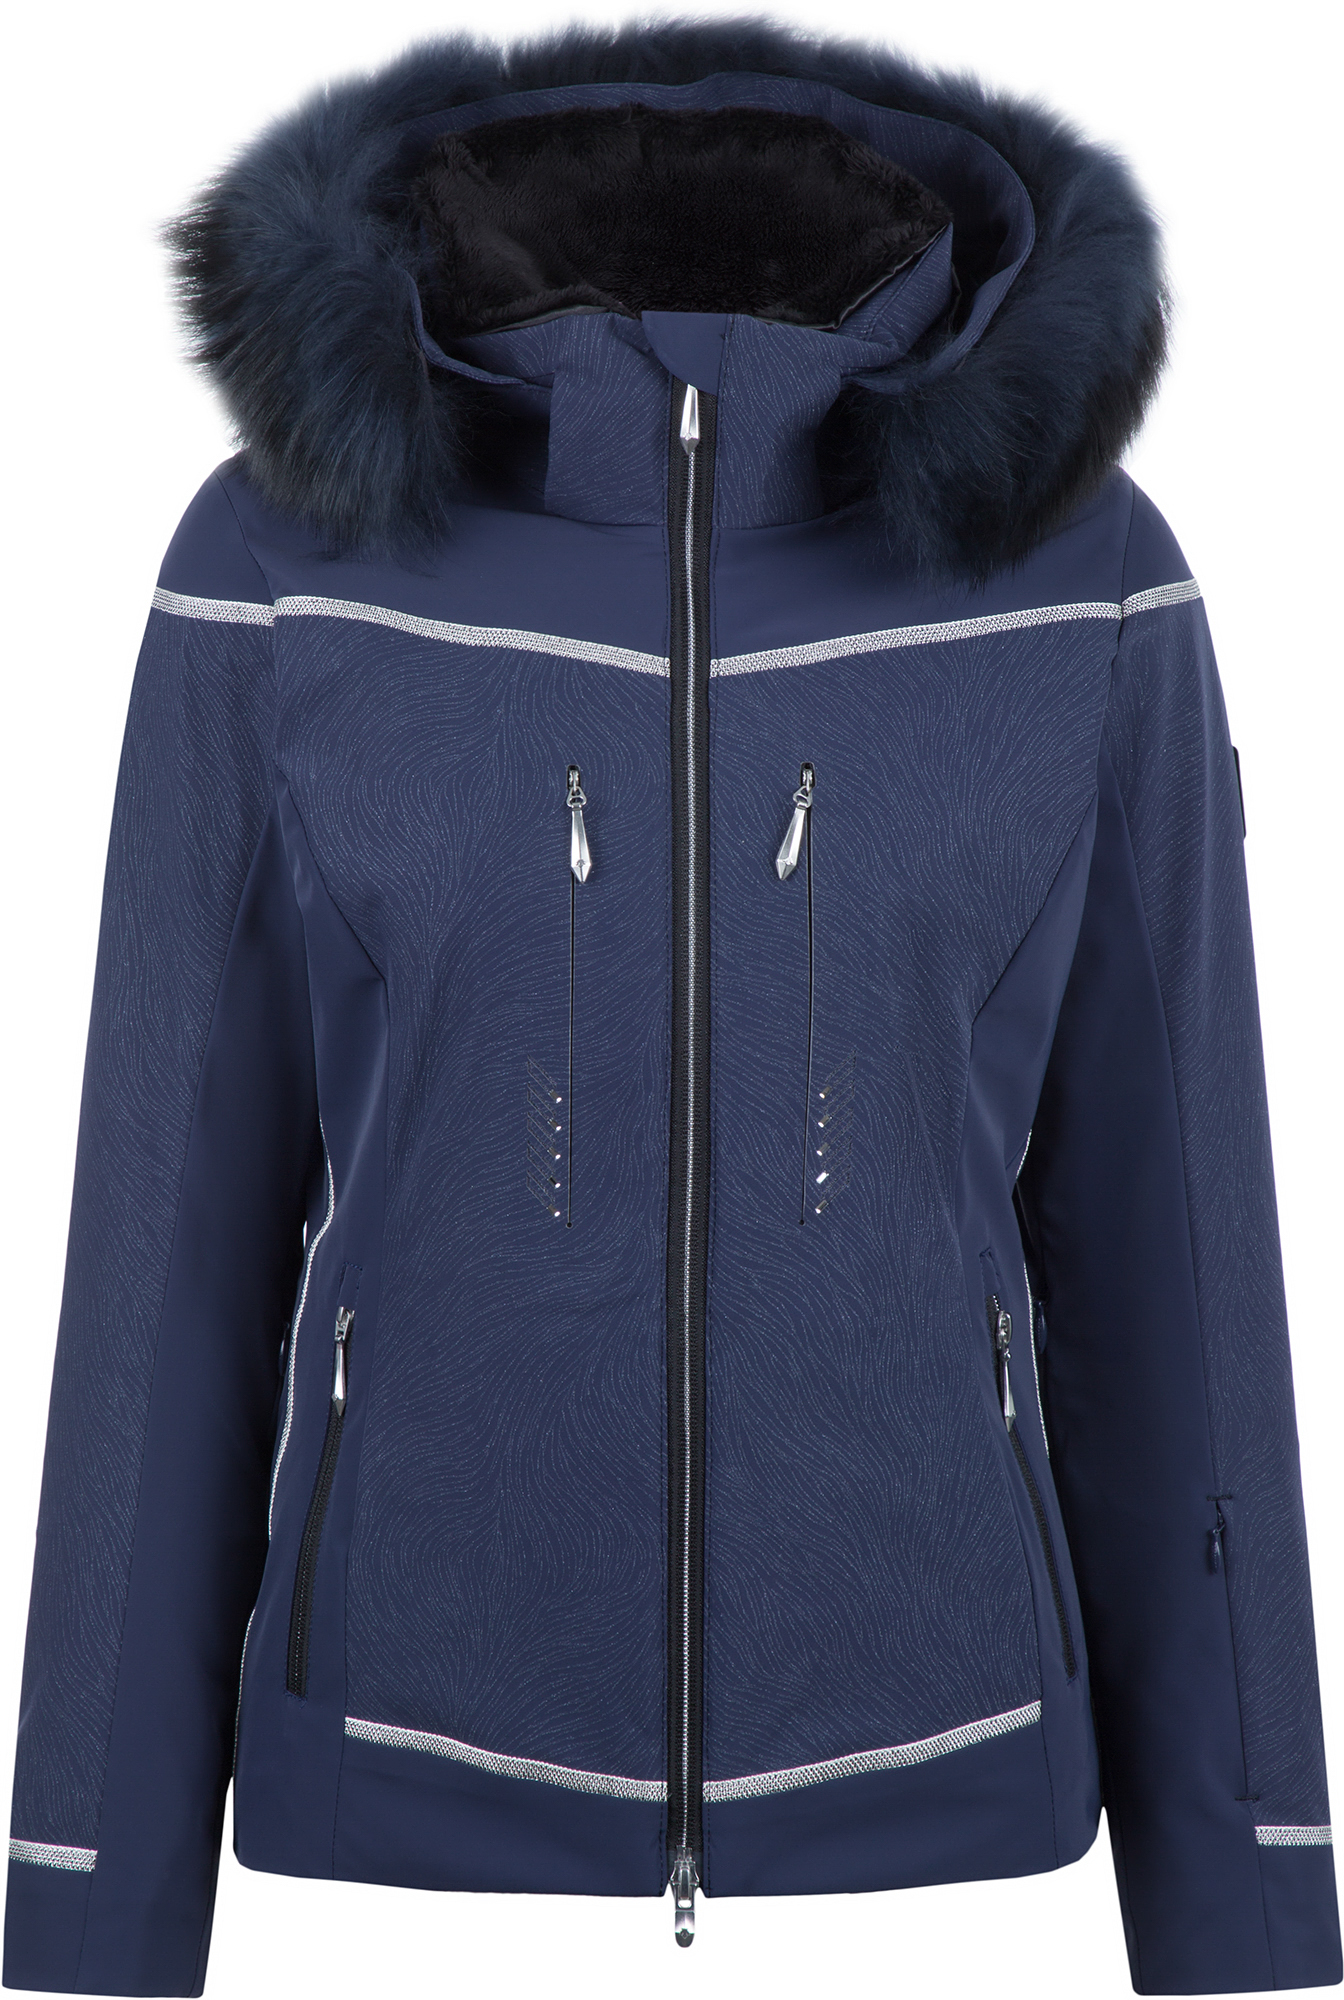 Descente Куртка женская Nova, размер 48